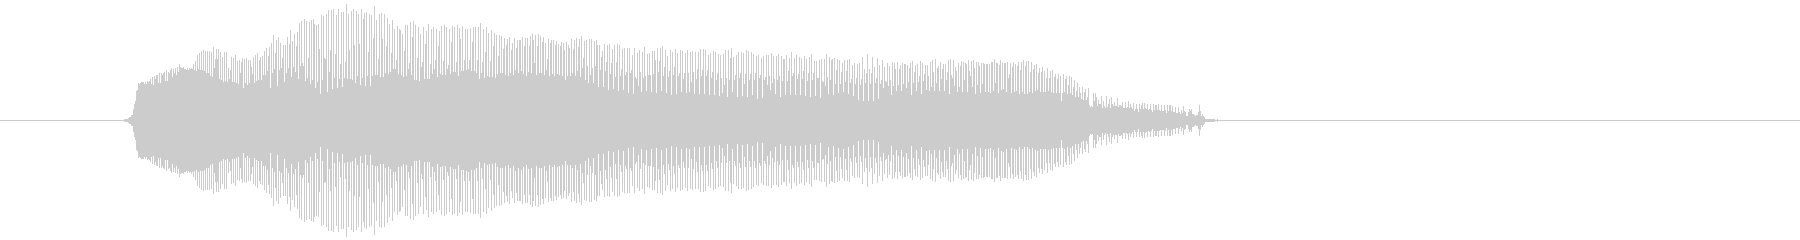 「ふぇーん」の未再生の波形